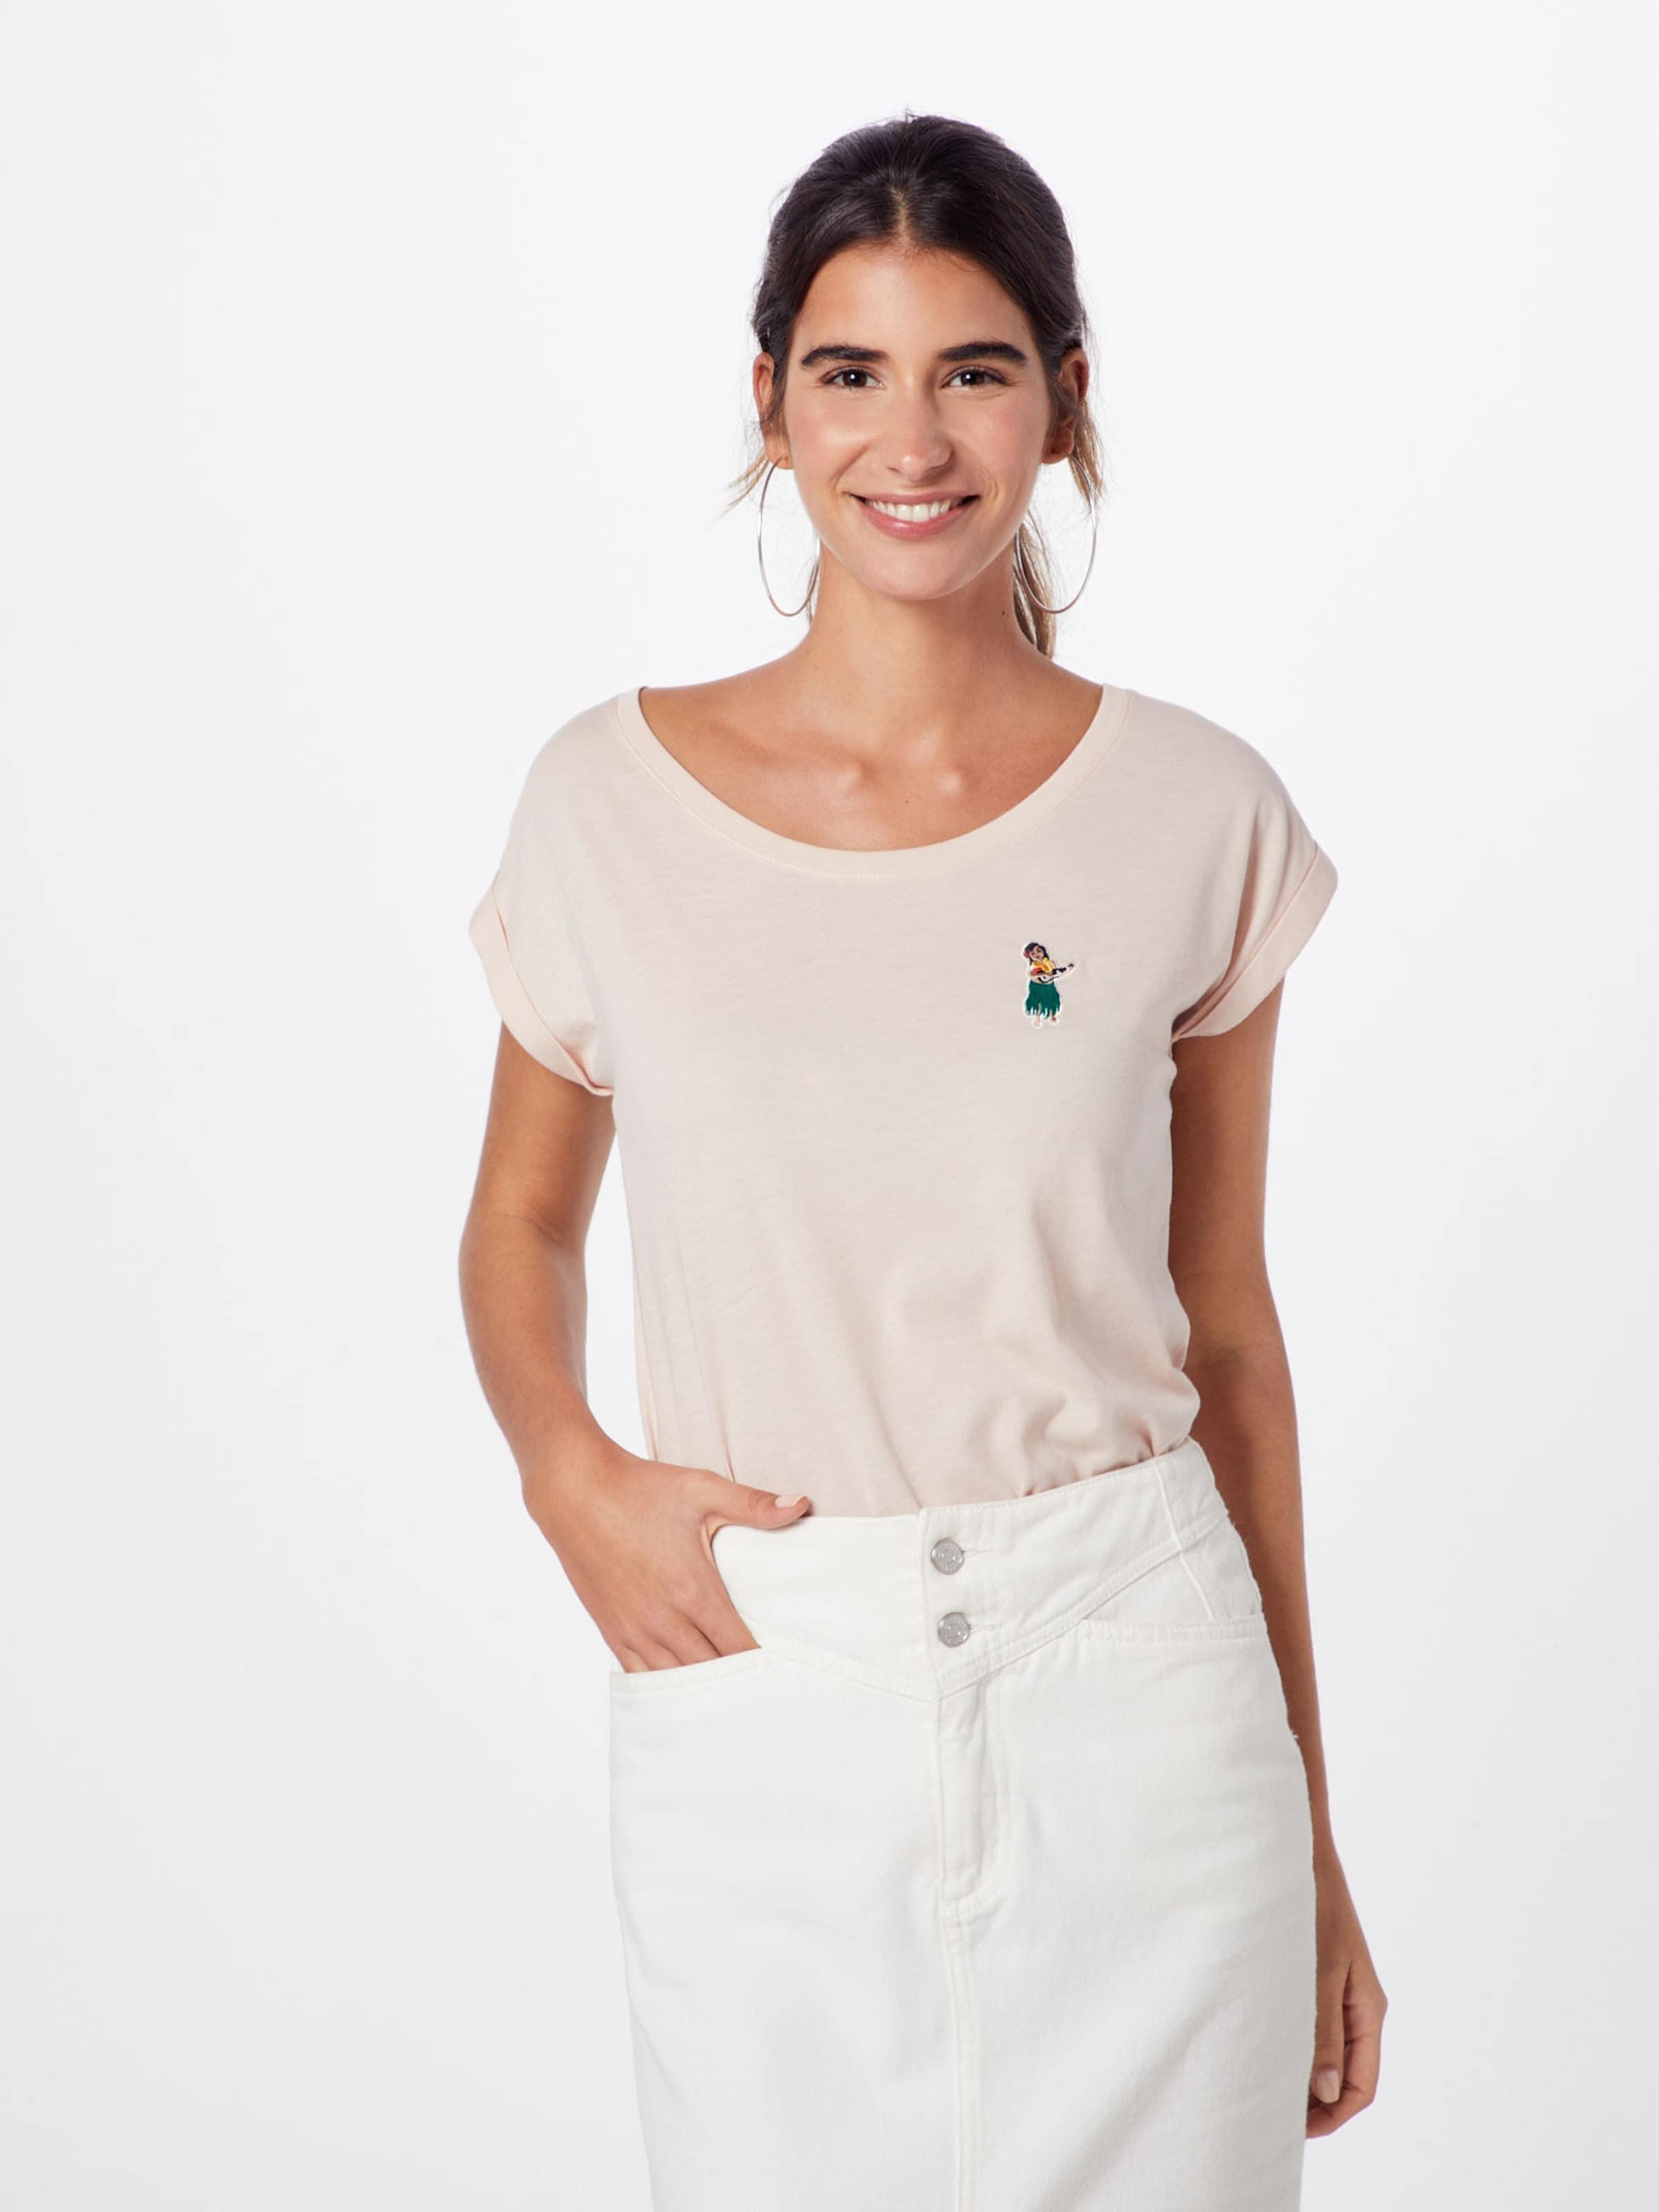 T Girl Poudre shirt 'hula Iriedaily Tee' En 2DHIeWE9Yb